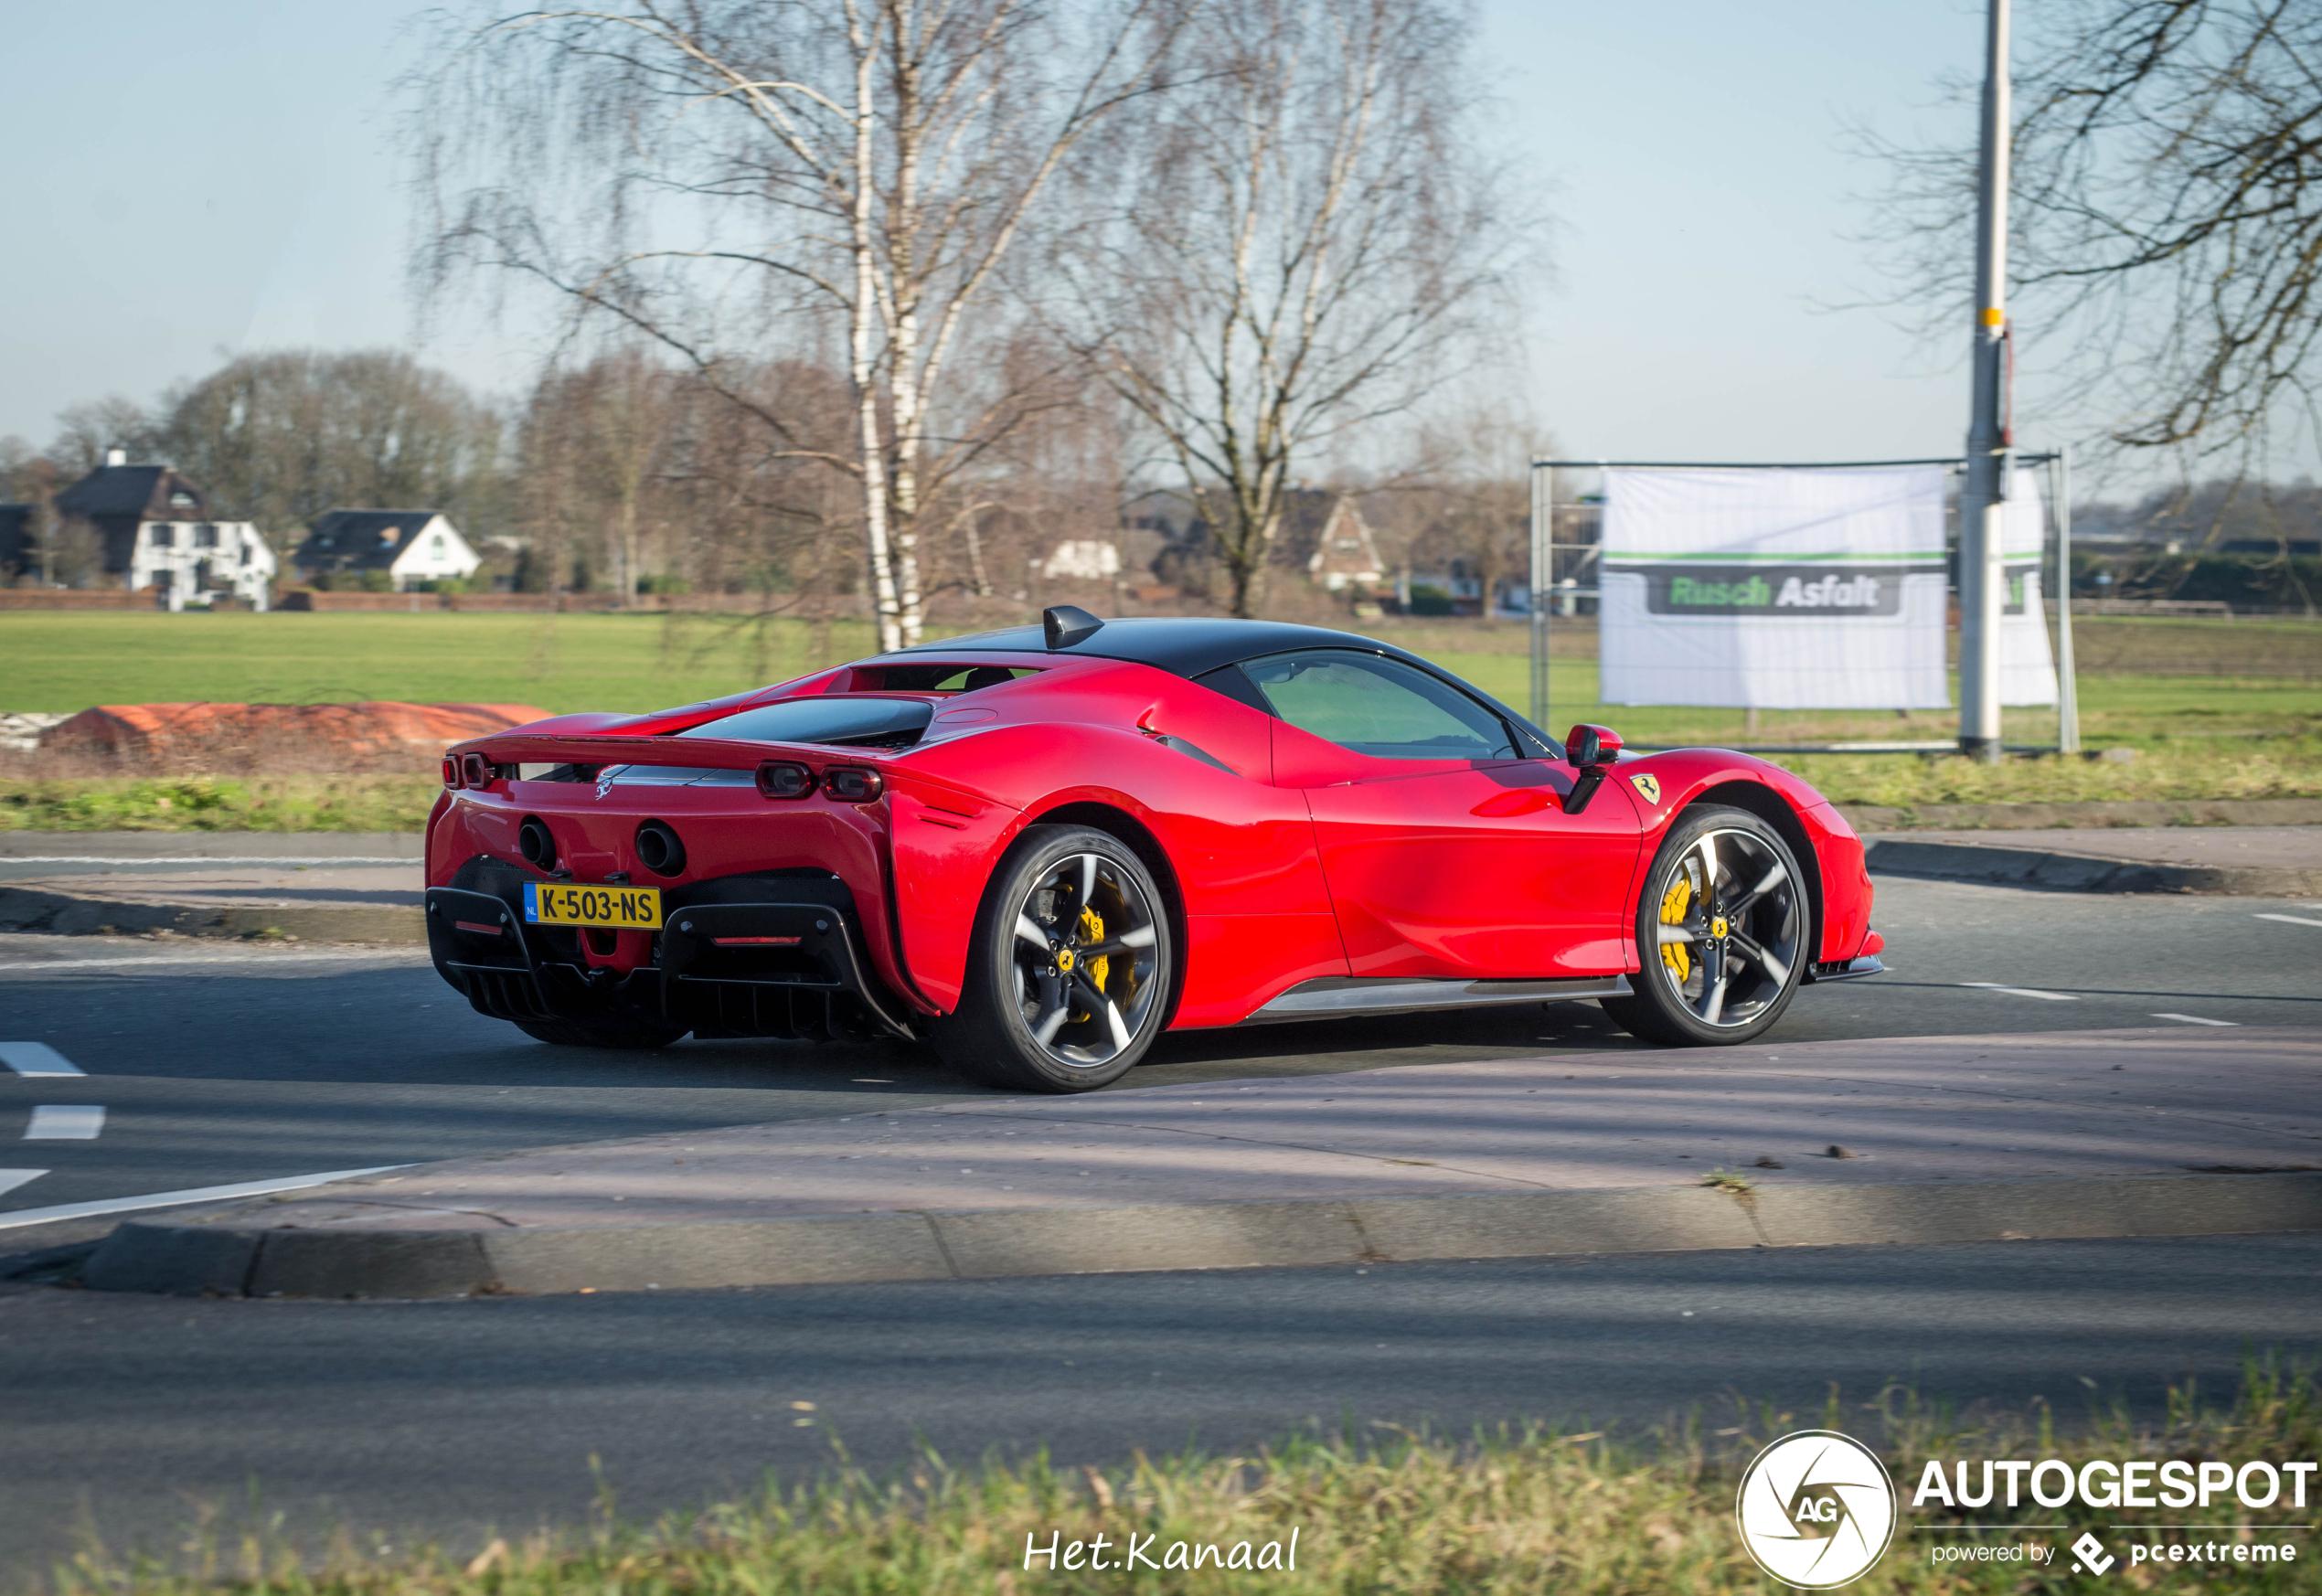 Tweede Ferrari SF90 Stradale van Nederland gespot